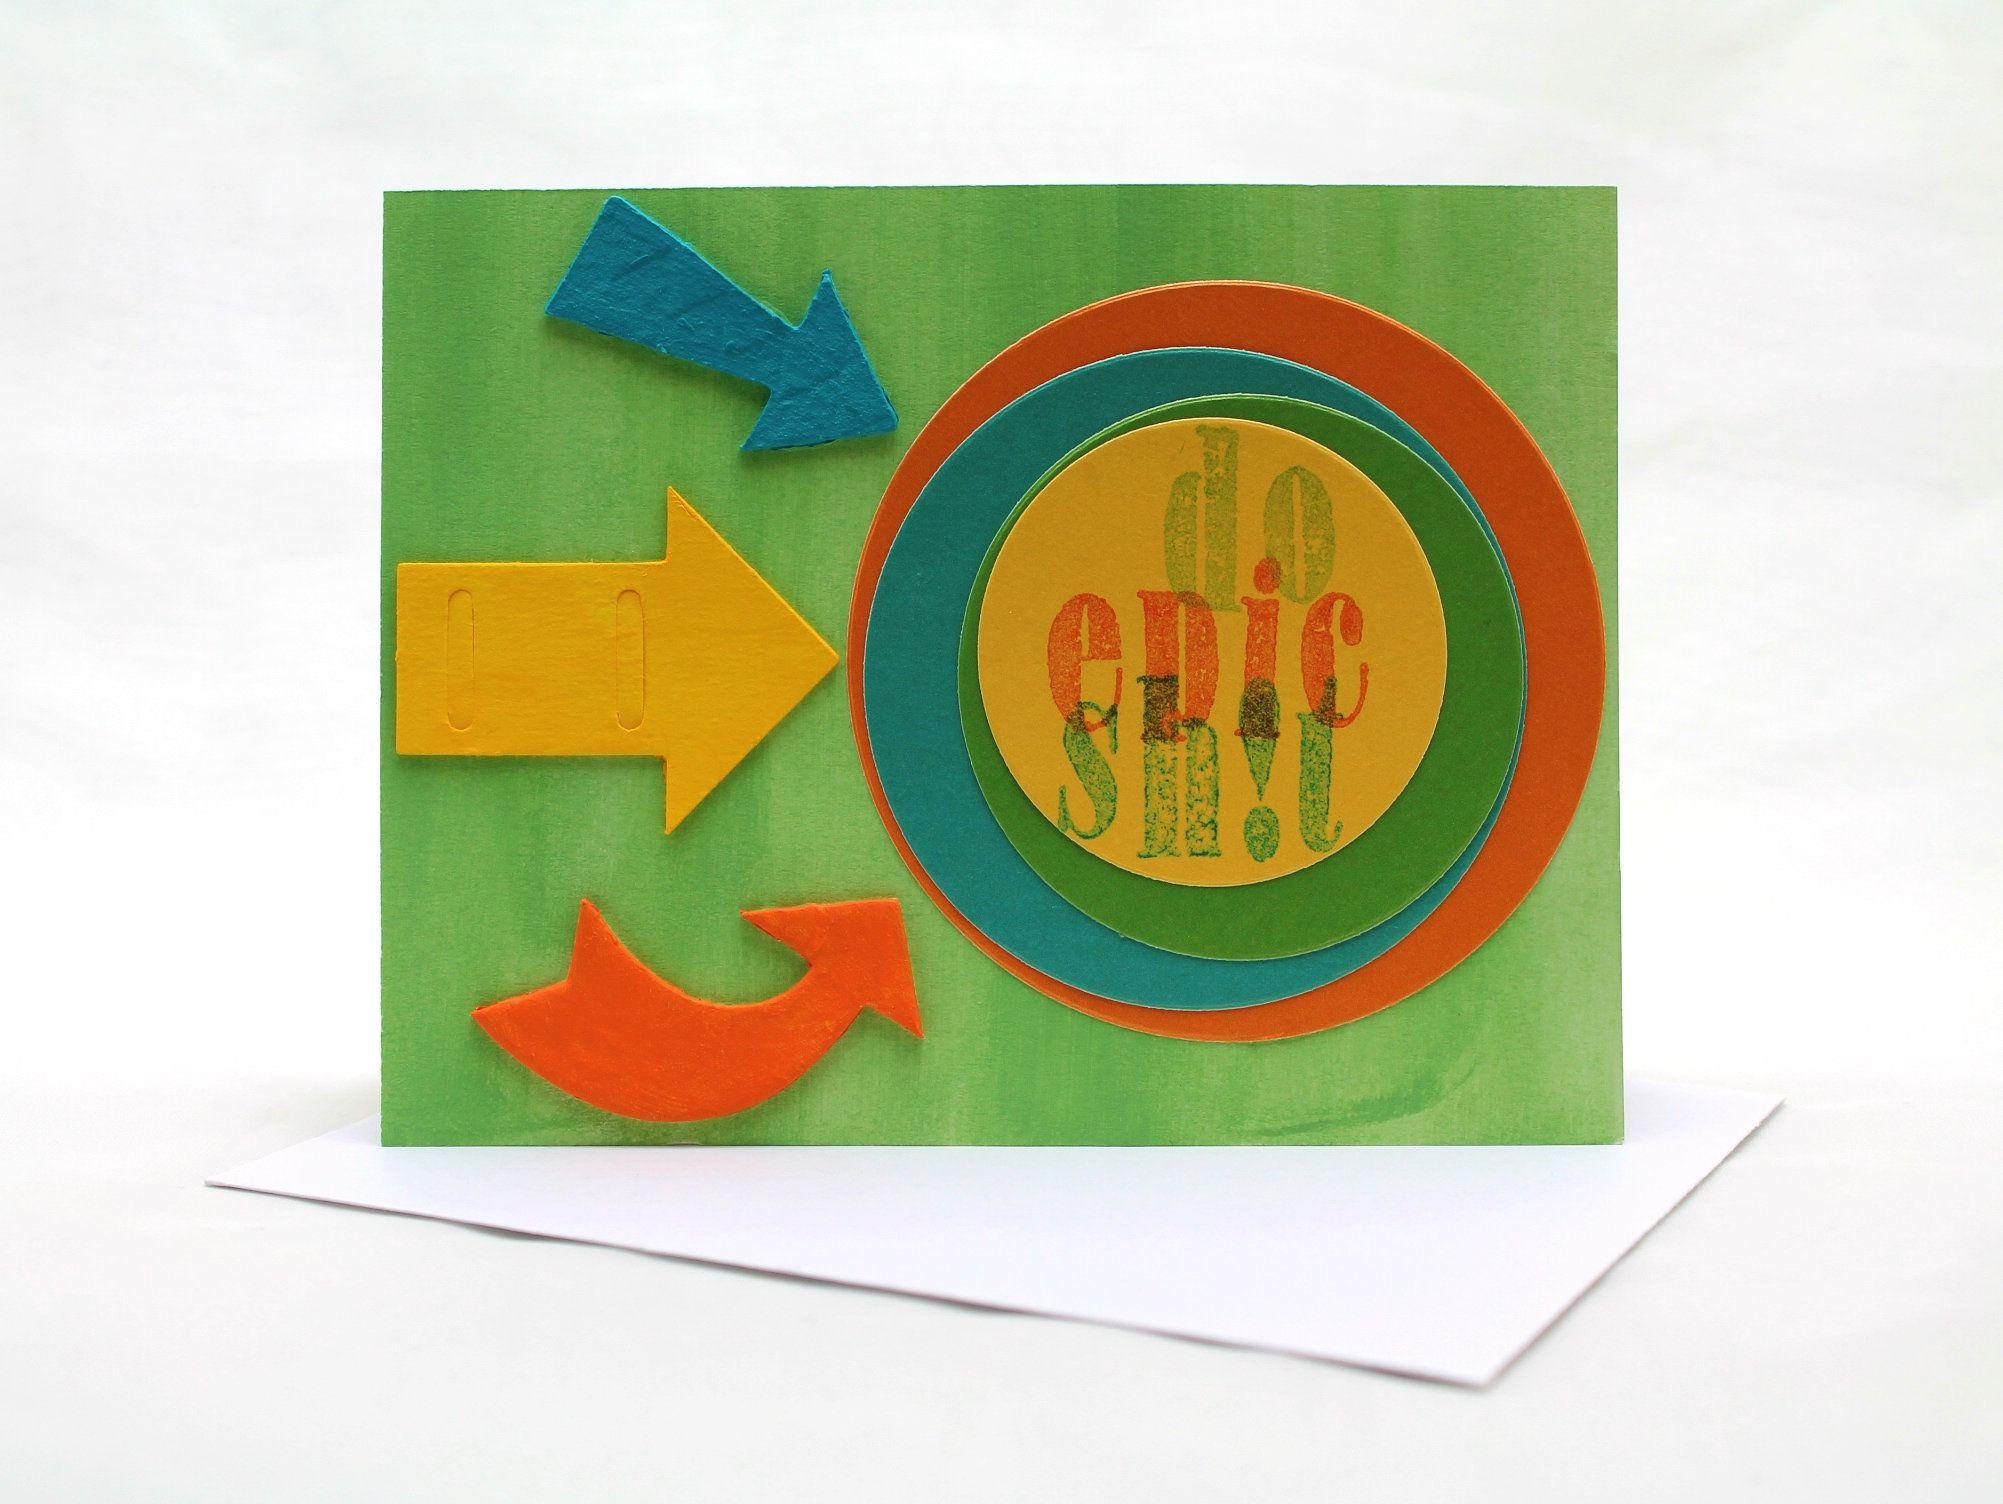 handmade congratulations card do epic sht